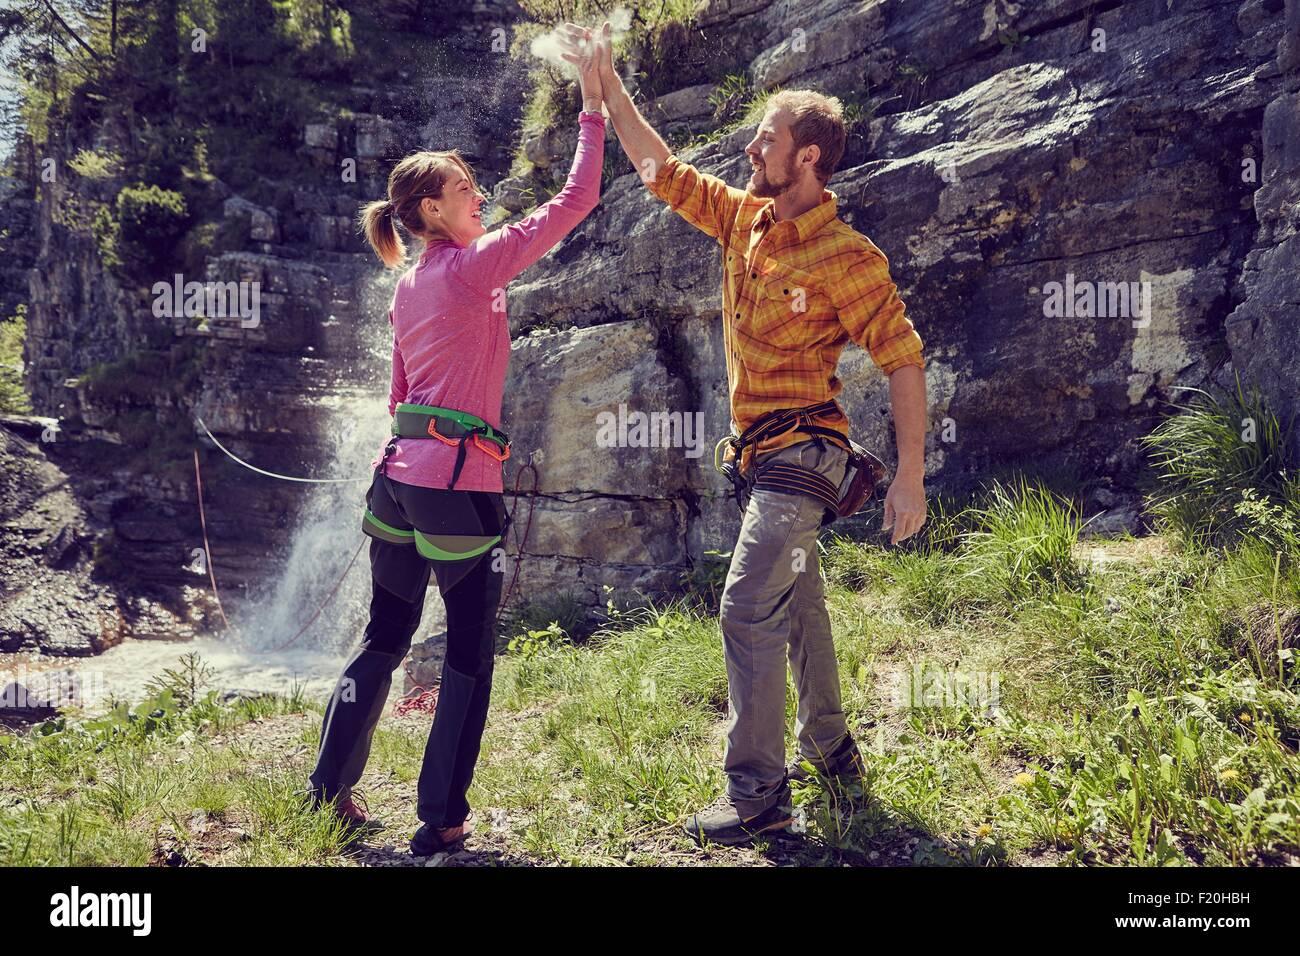 Kletterer geben hohe fünf, Wasserfall im Hintergrund, Ehrwald, Tirol, Österreich Stockbild